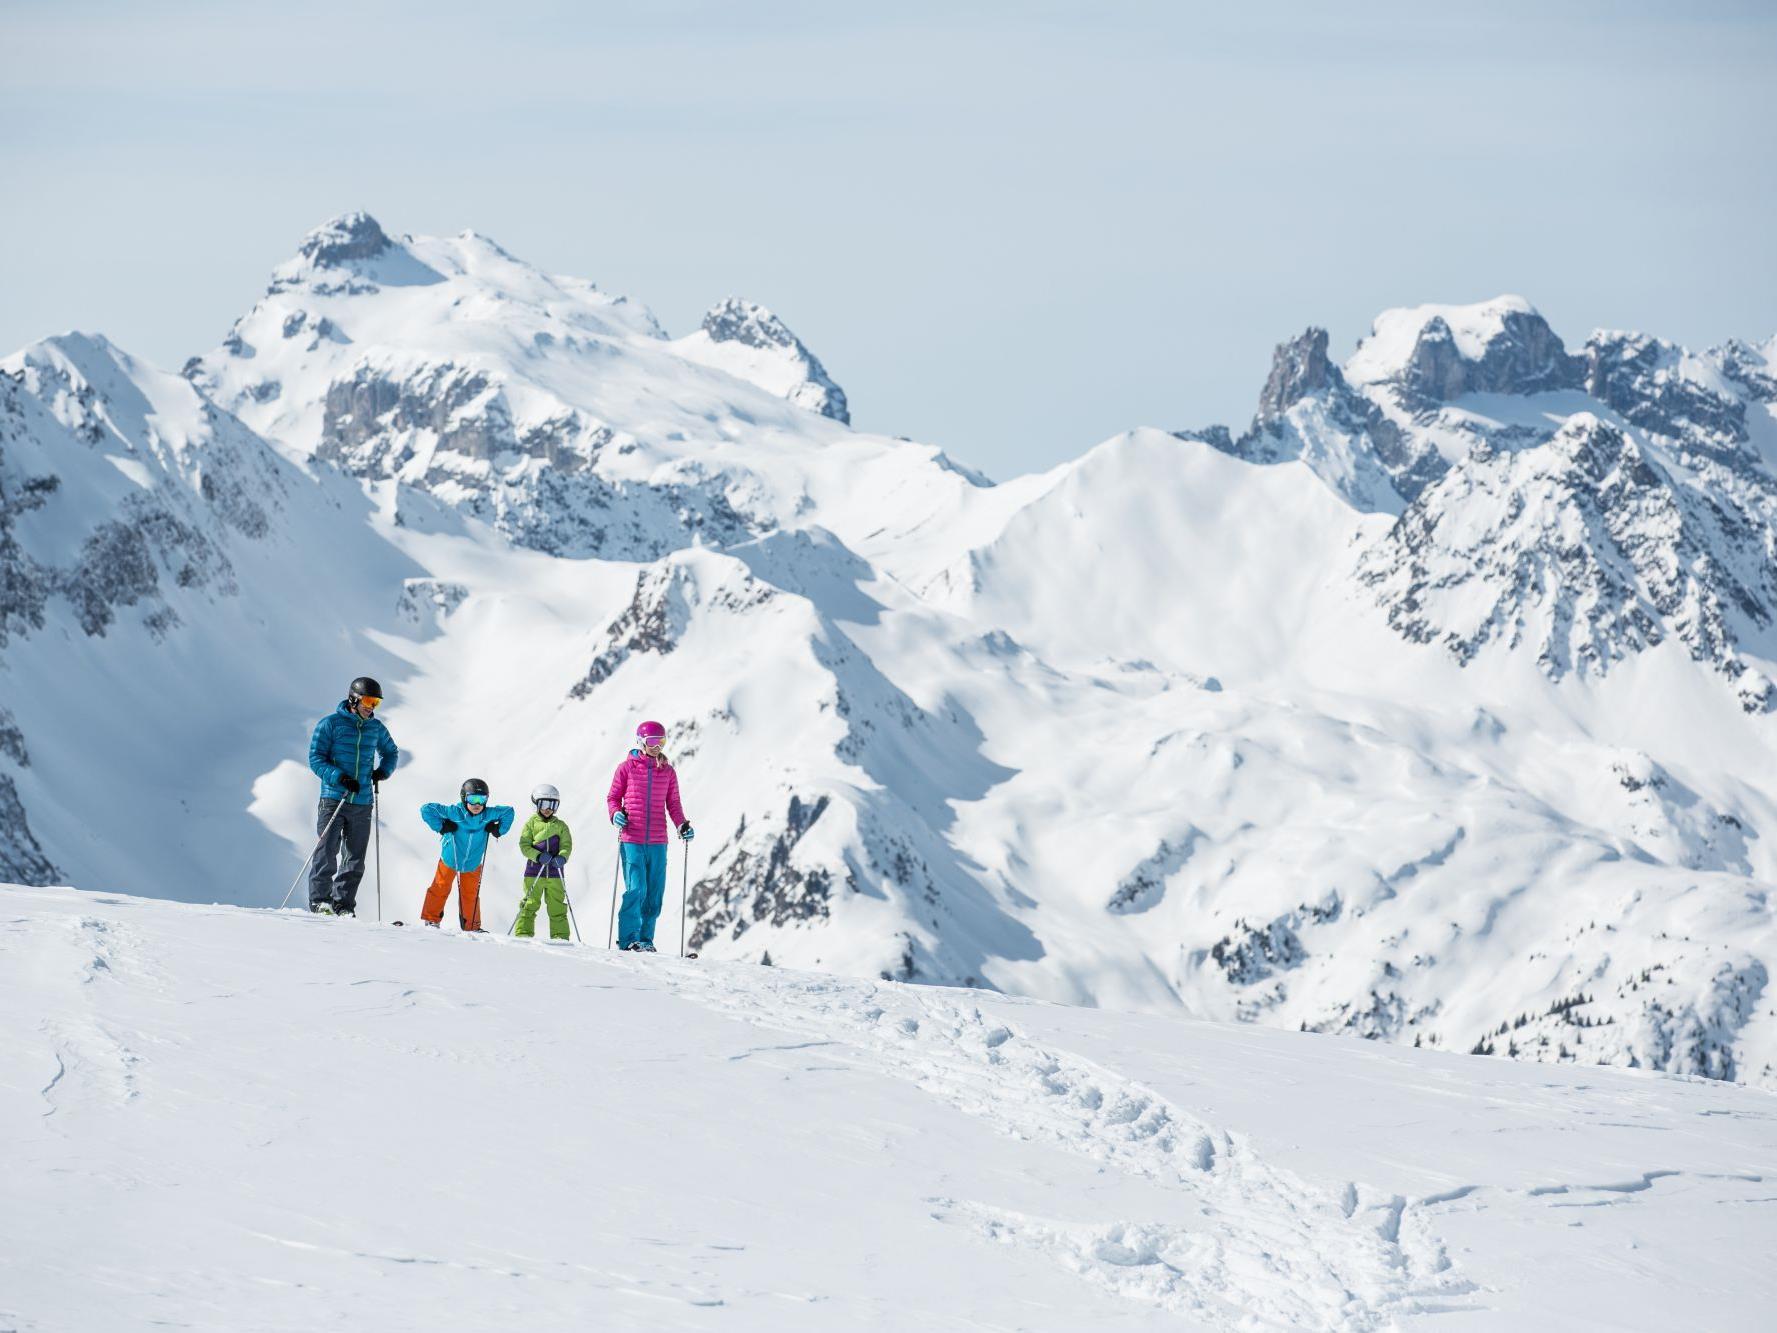 """Die Aktion """"Winter.Familie.Montafon"""" bietet Skispass für die ganze Familie zu besonders attraktiven Preisen."""